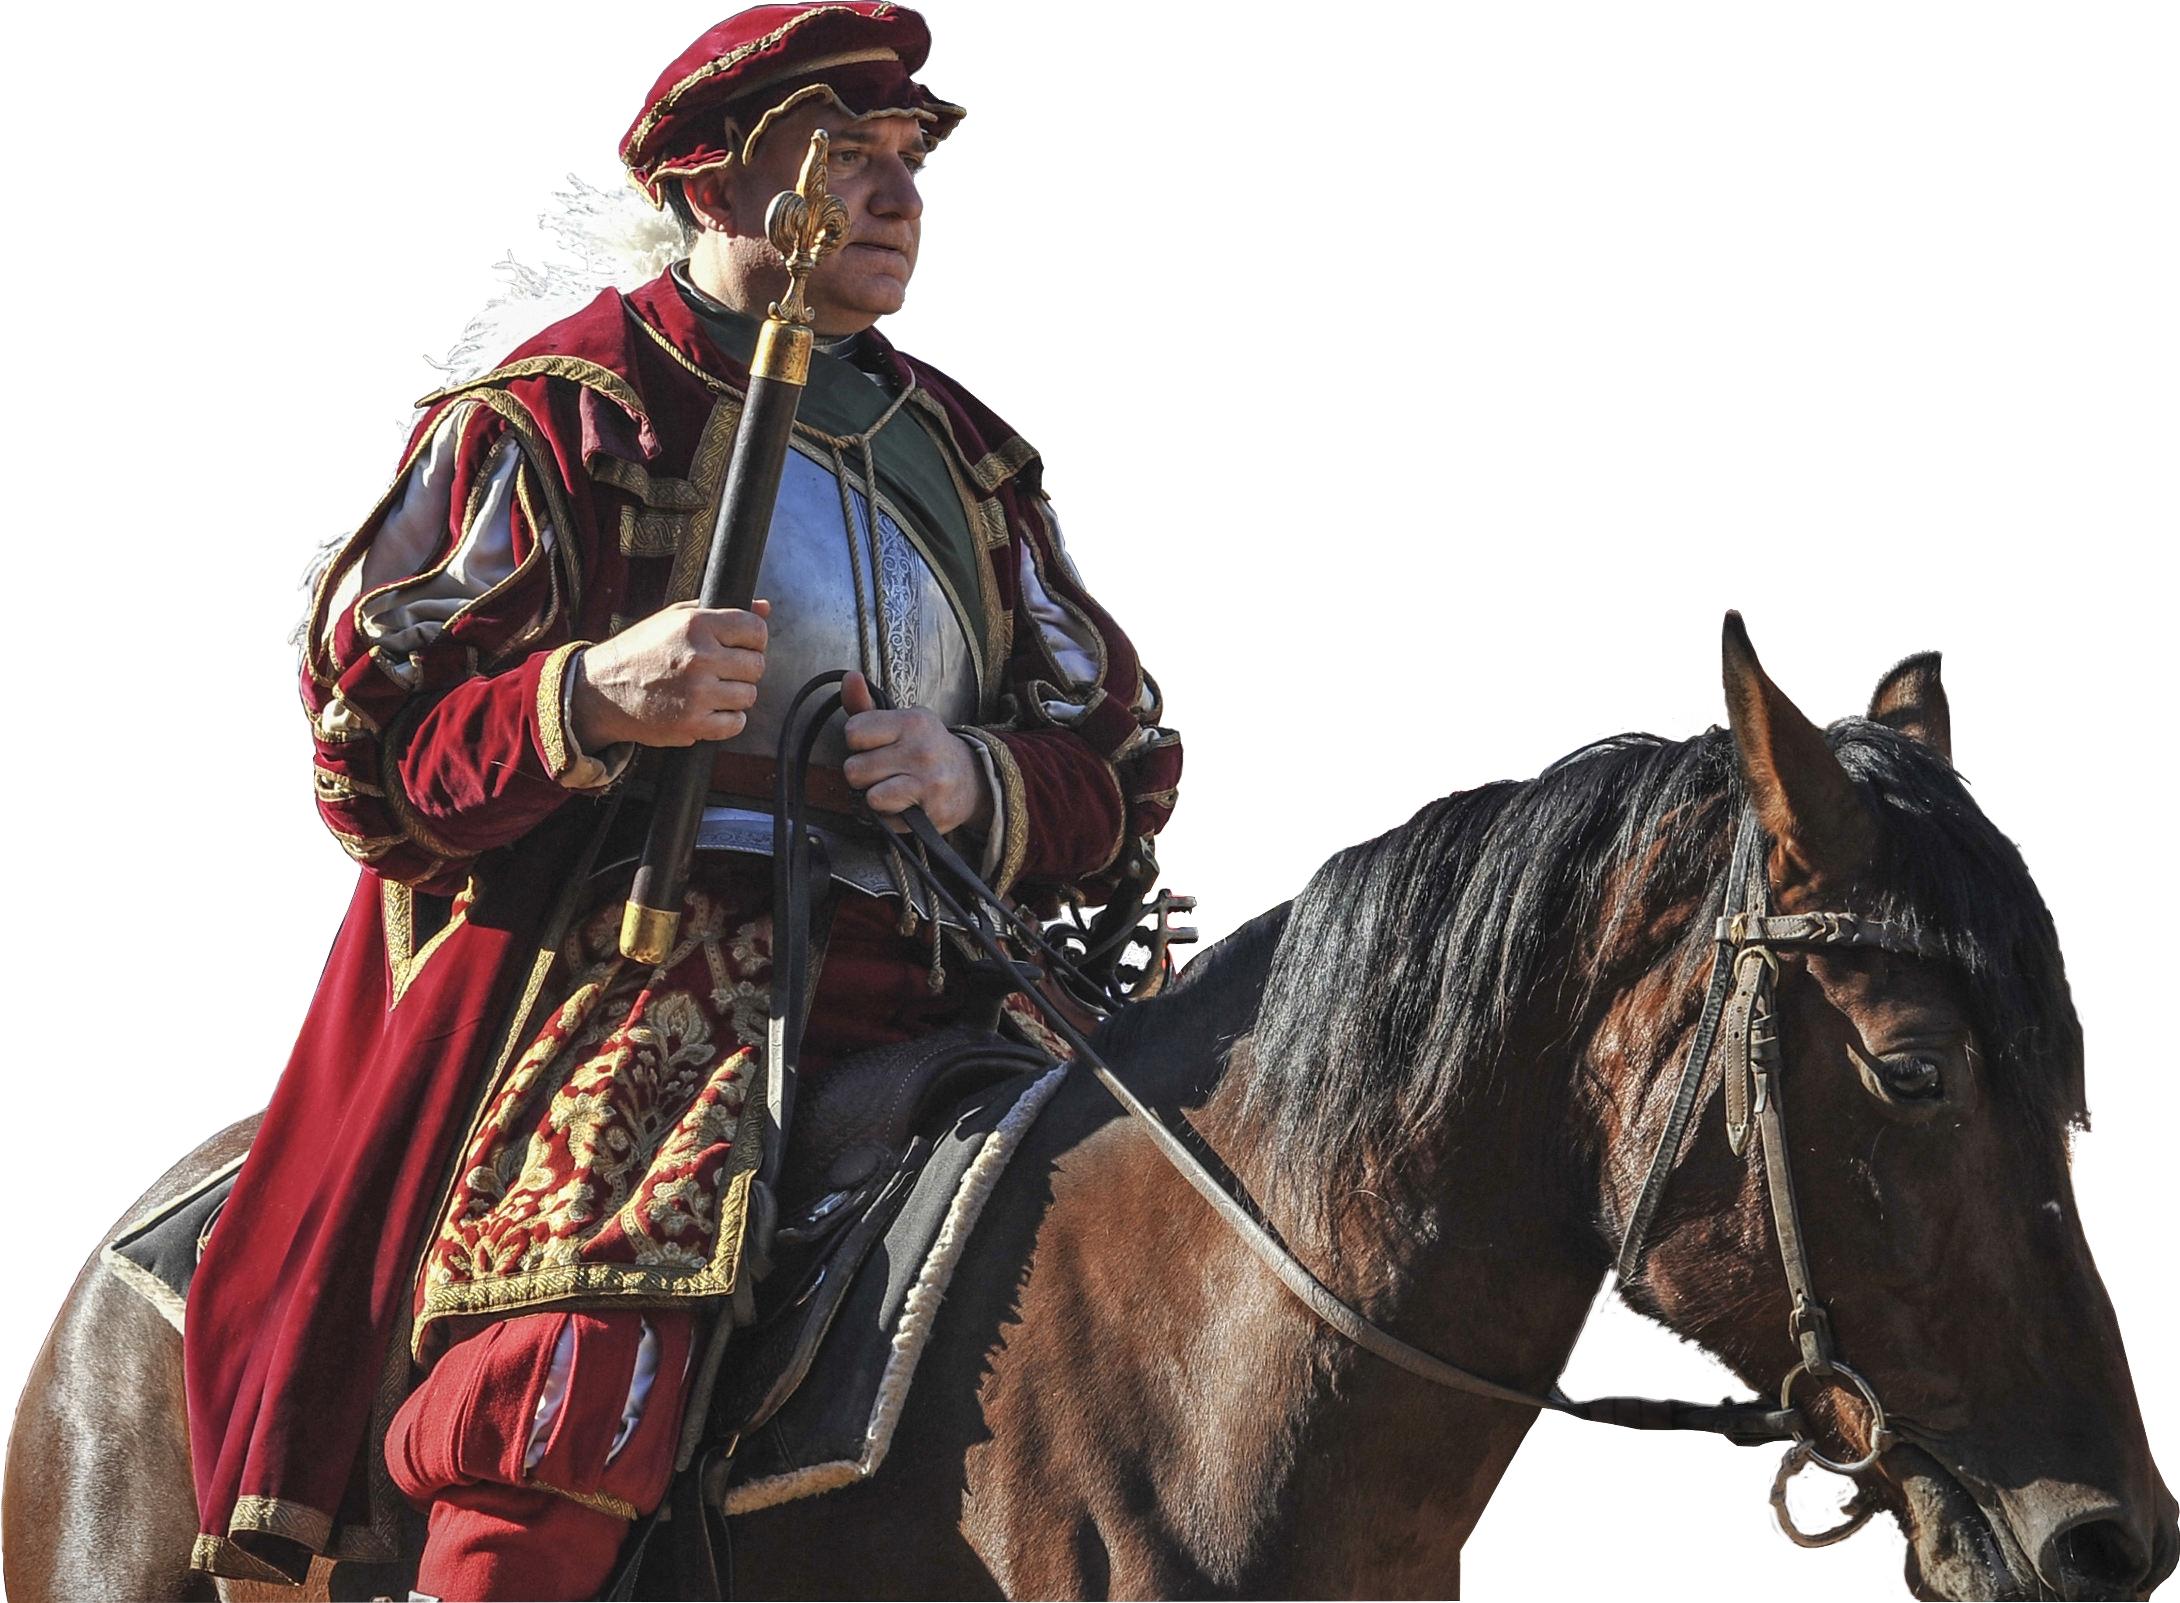 Nobile del Corteo Storico della Repubblica Fiorentina a cavallo vestito con petto darmi e giacca alla massimiliana